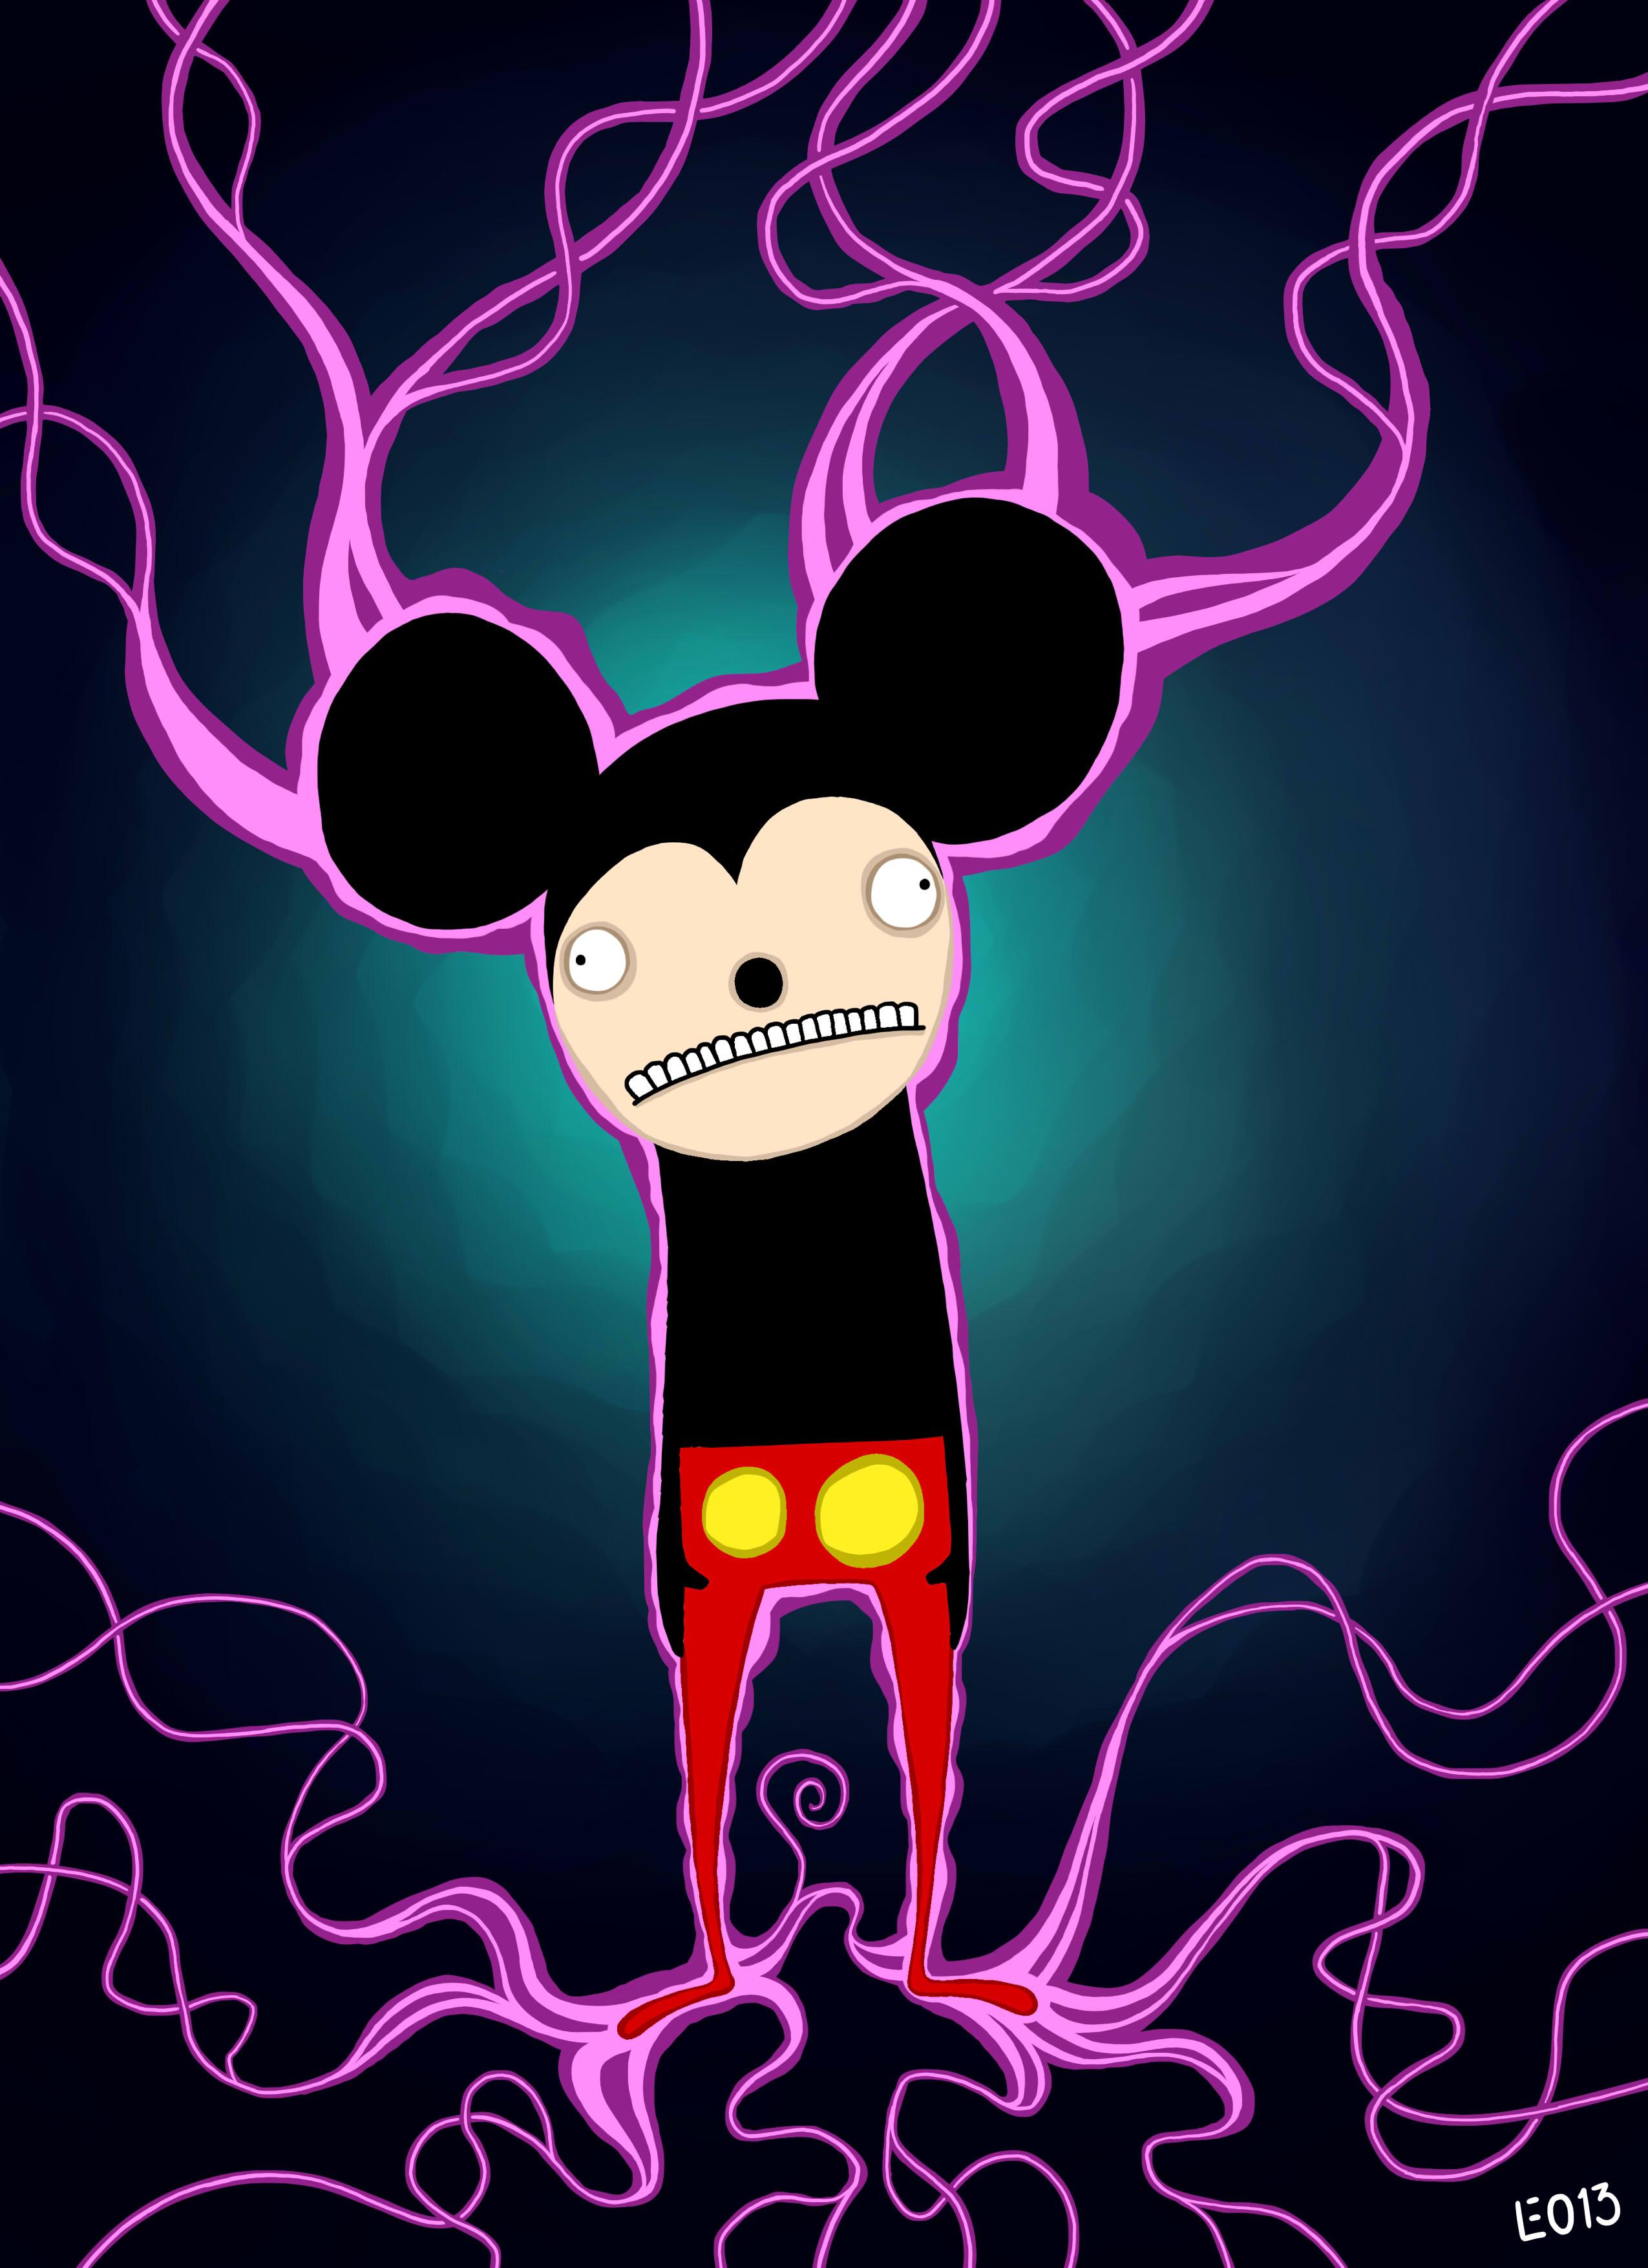 Mickey002